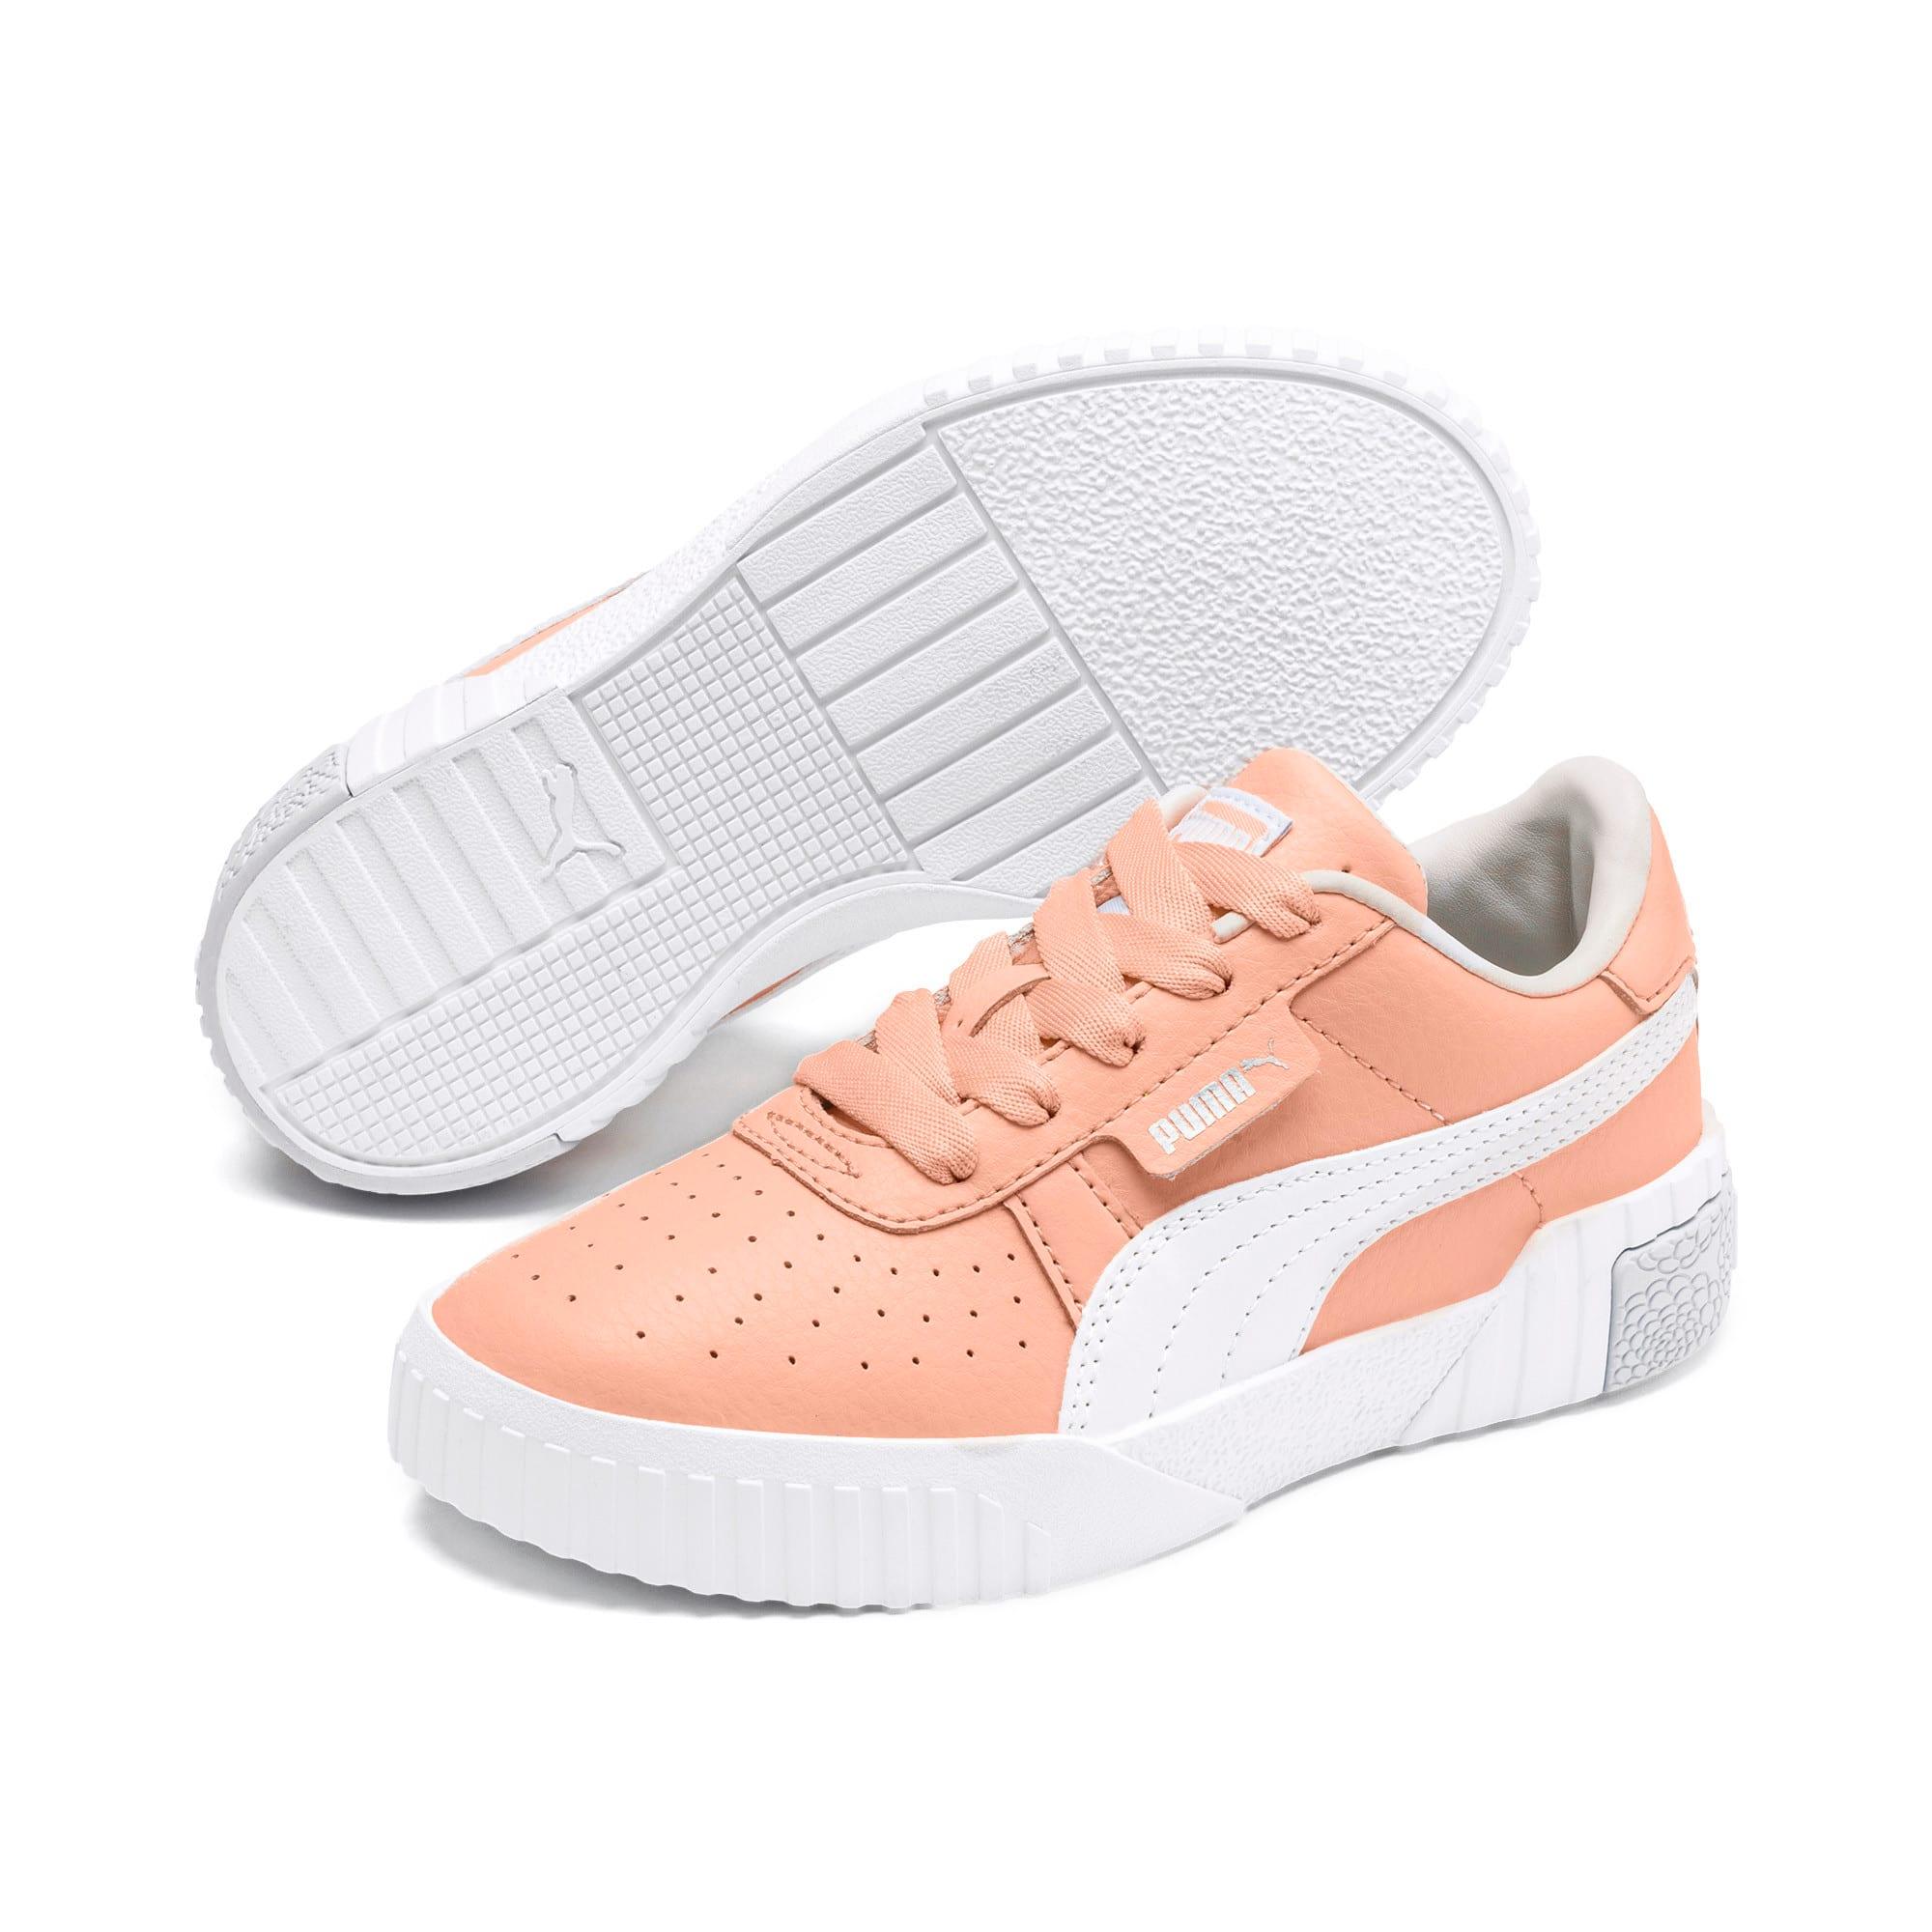 Thumbnail 2 of Cali Kids' Mädchen Sneaker, Peach Parfait-Heather, medium